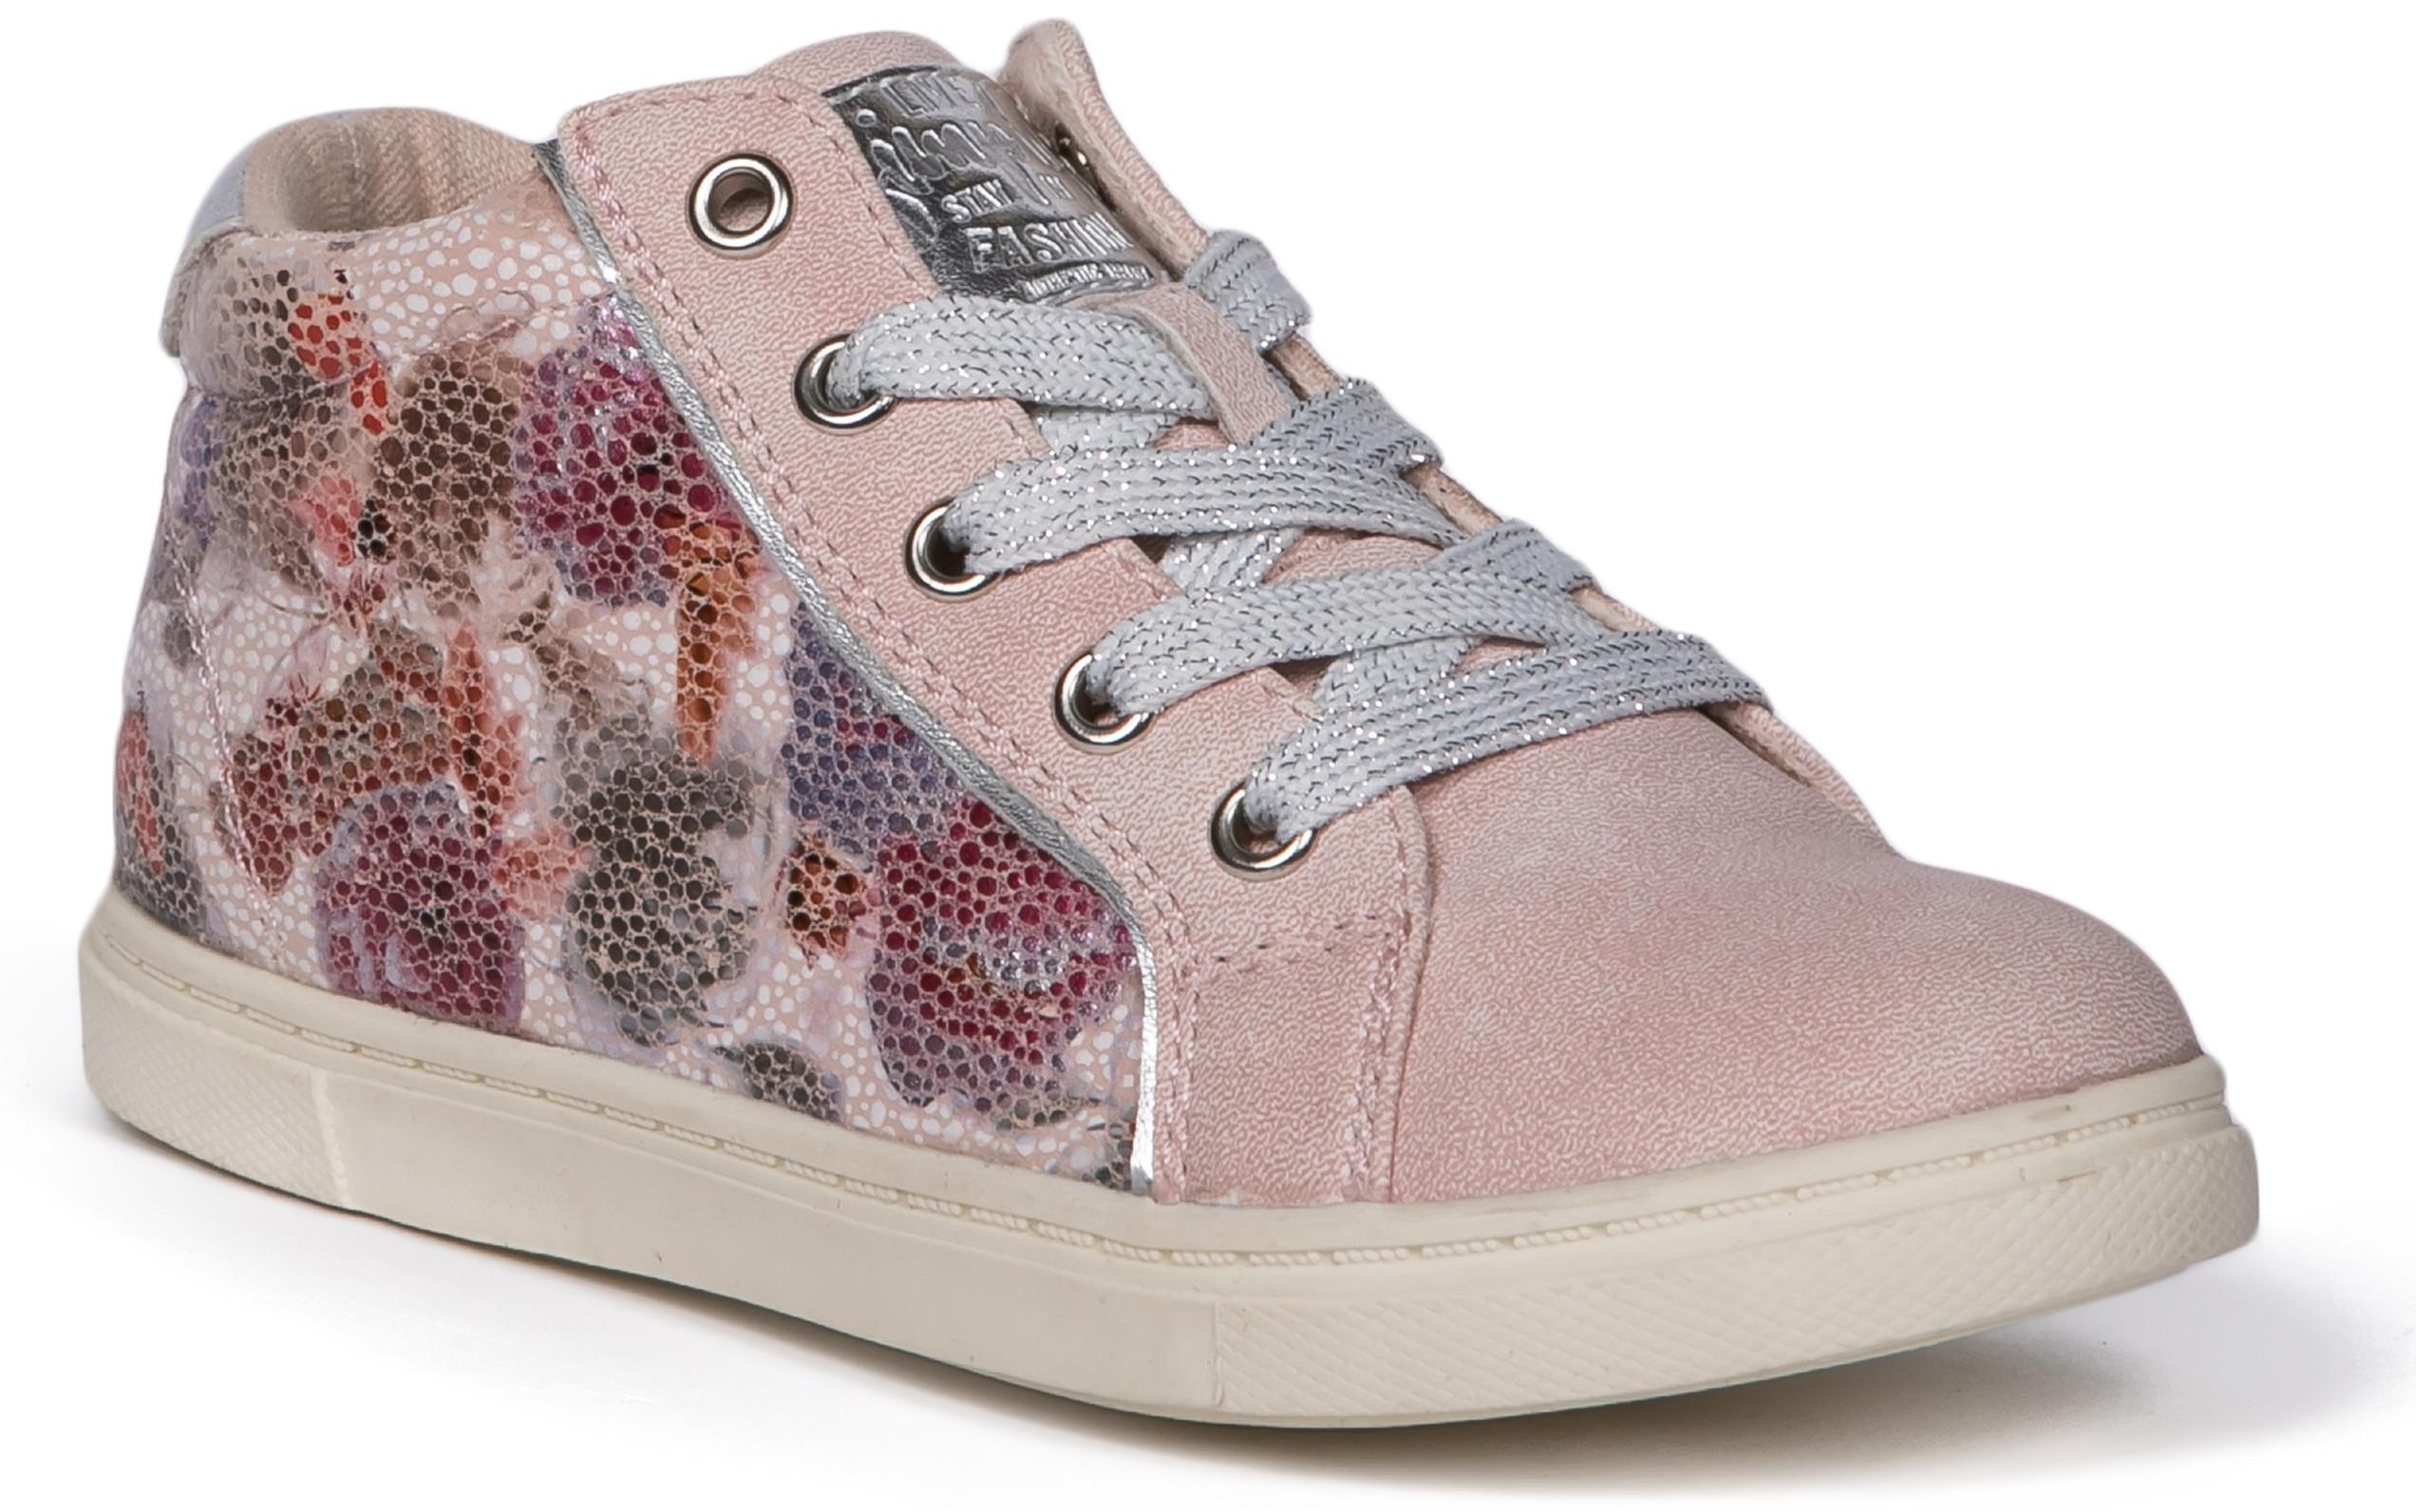 Ботинки и полуботинки Barkito Полуботинки типа кроссовых для девочки Barkito, светло-розовый полуботинки типа кроссовых для девочки barkito розовый